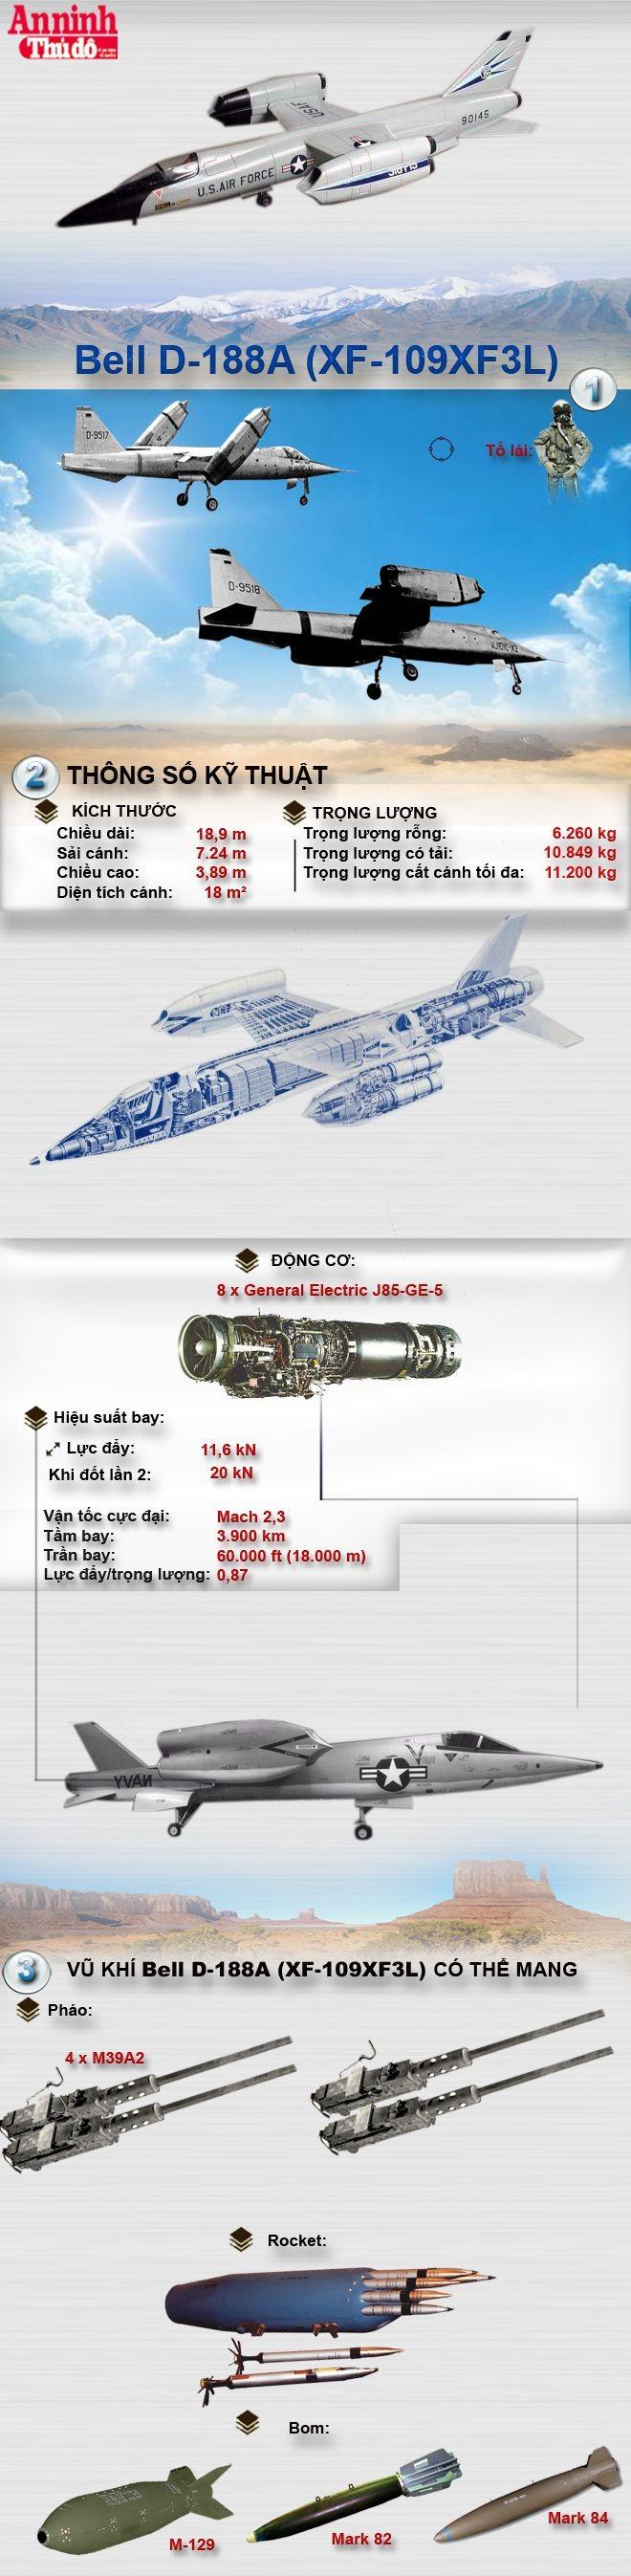 [Infographic] Bell D-188A (XF-109XF3L) - Siêu tiêm kích động cơ xoay của Mỹ